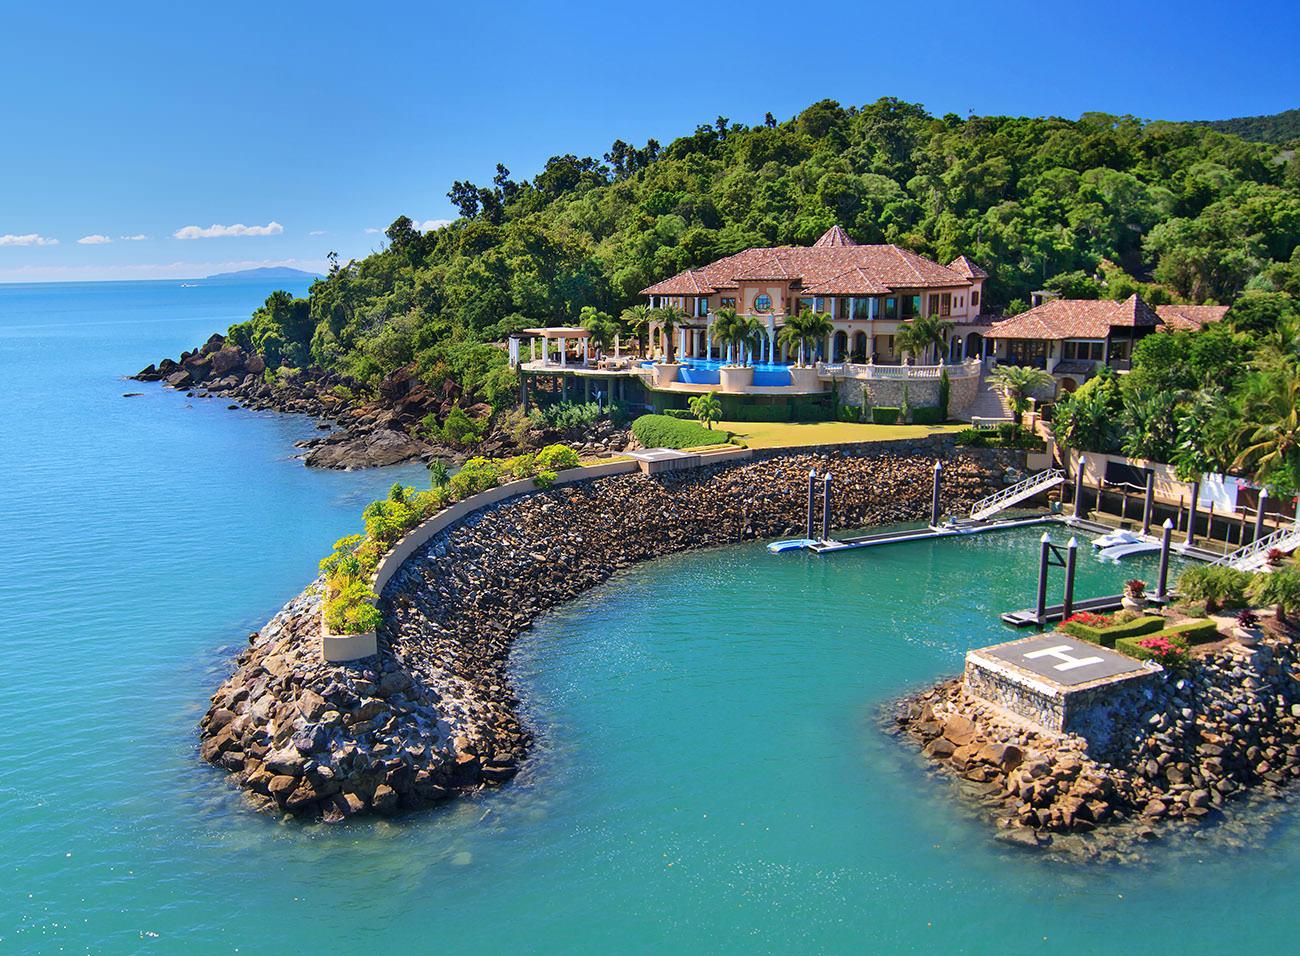 Mandalay house la plus belle villa des côtes australes